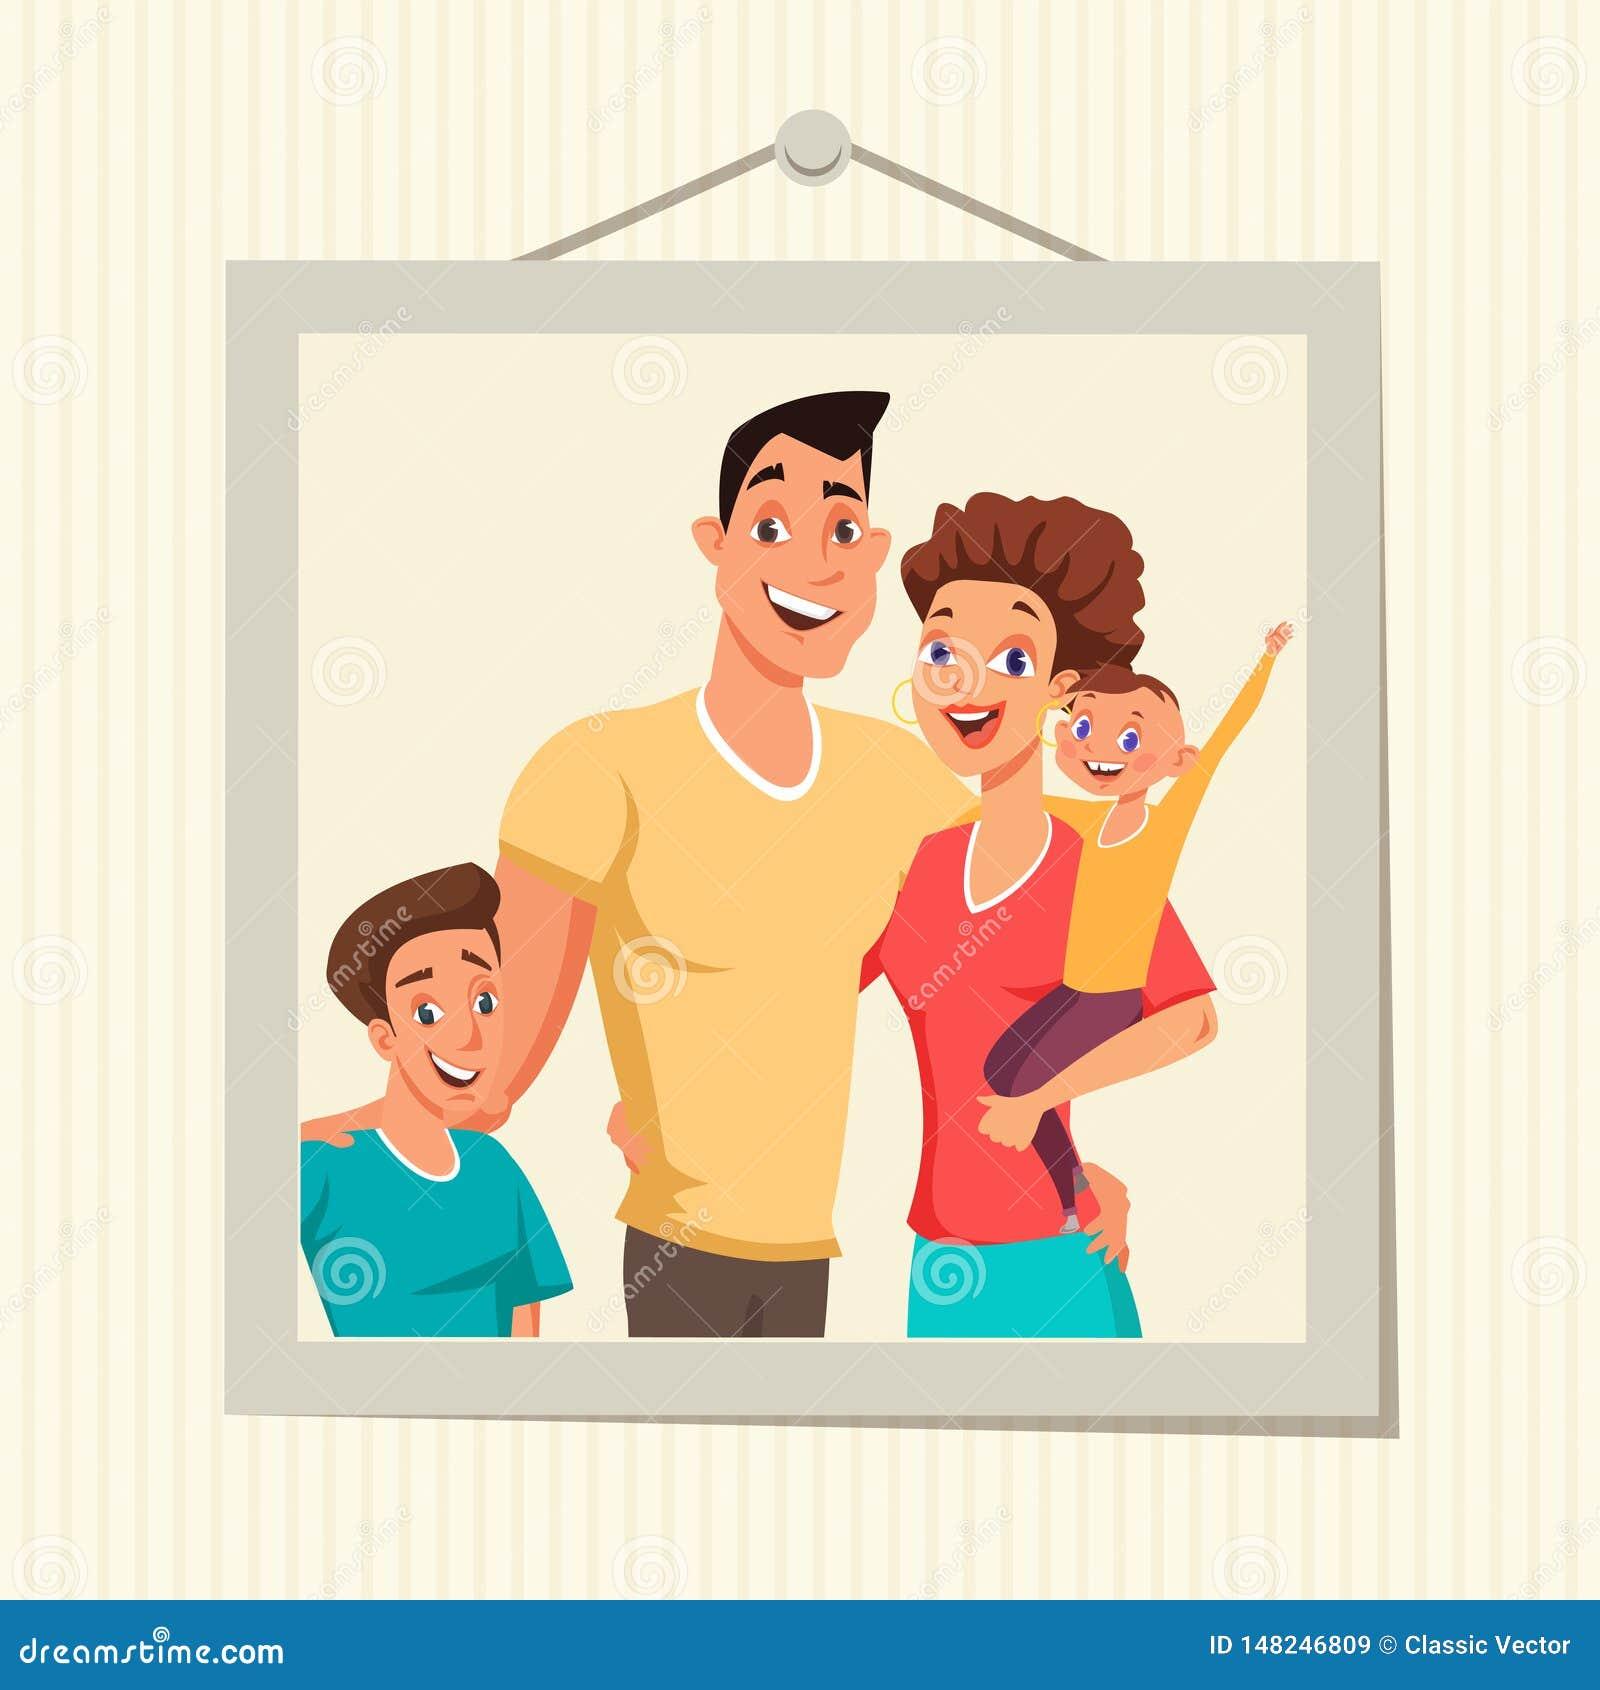 Rodzinna fotografia w ramowej płaskiej wektorowej ilustracji